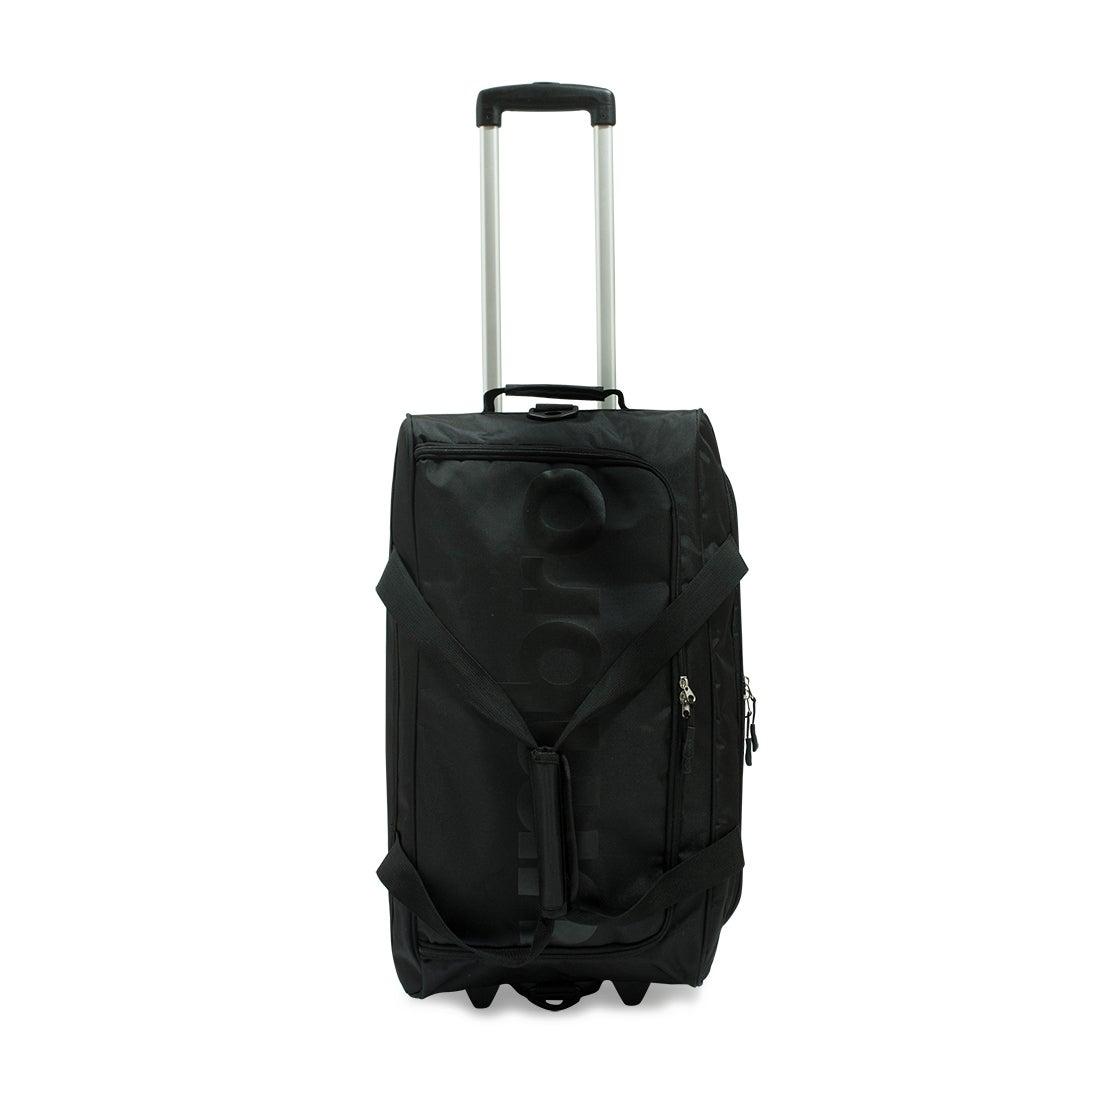 ロコンド 靴とファッションの通販サイト【SAC'SBAR】アンブロumbroボストンキャリー7500263cmボストンシリーズ【001】ブラック